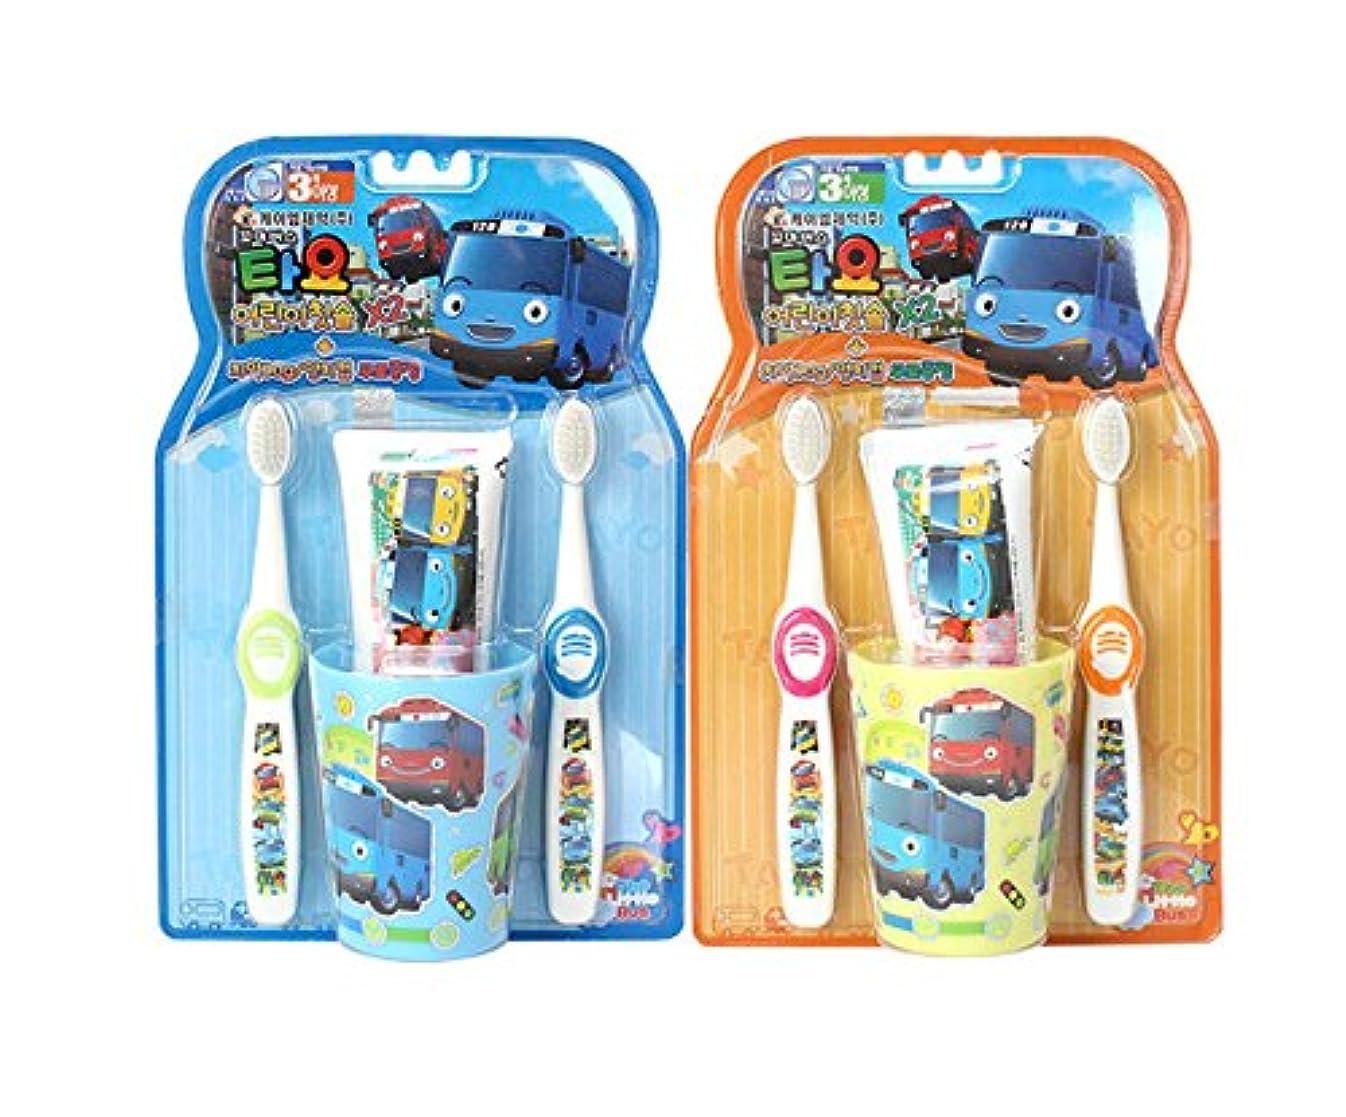 衣装通行人発音する[SET] Tayo The Little Bus ちびっこバス タヨ 子ども用ハブラシ 乳歯?オーラルケア 歯磨き粉 歯ブラシ 歯カップ セット 歯磨きセット子供の歯ブラシ (2 SET) [並行輸入品]